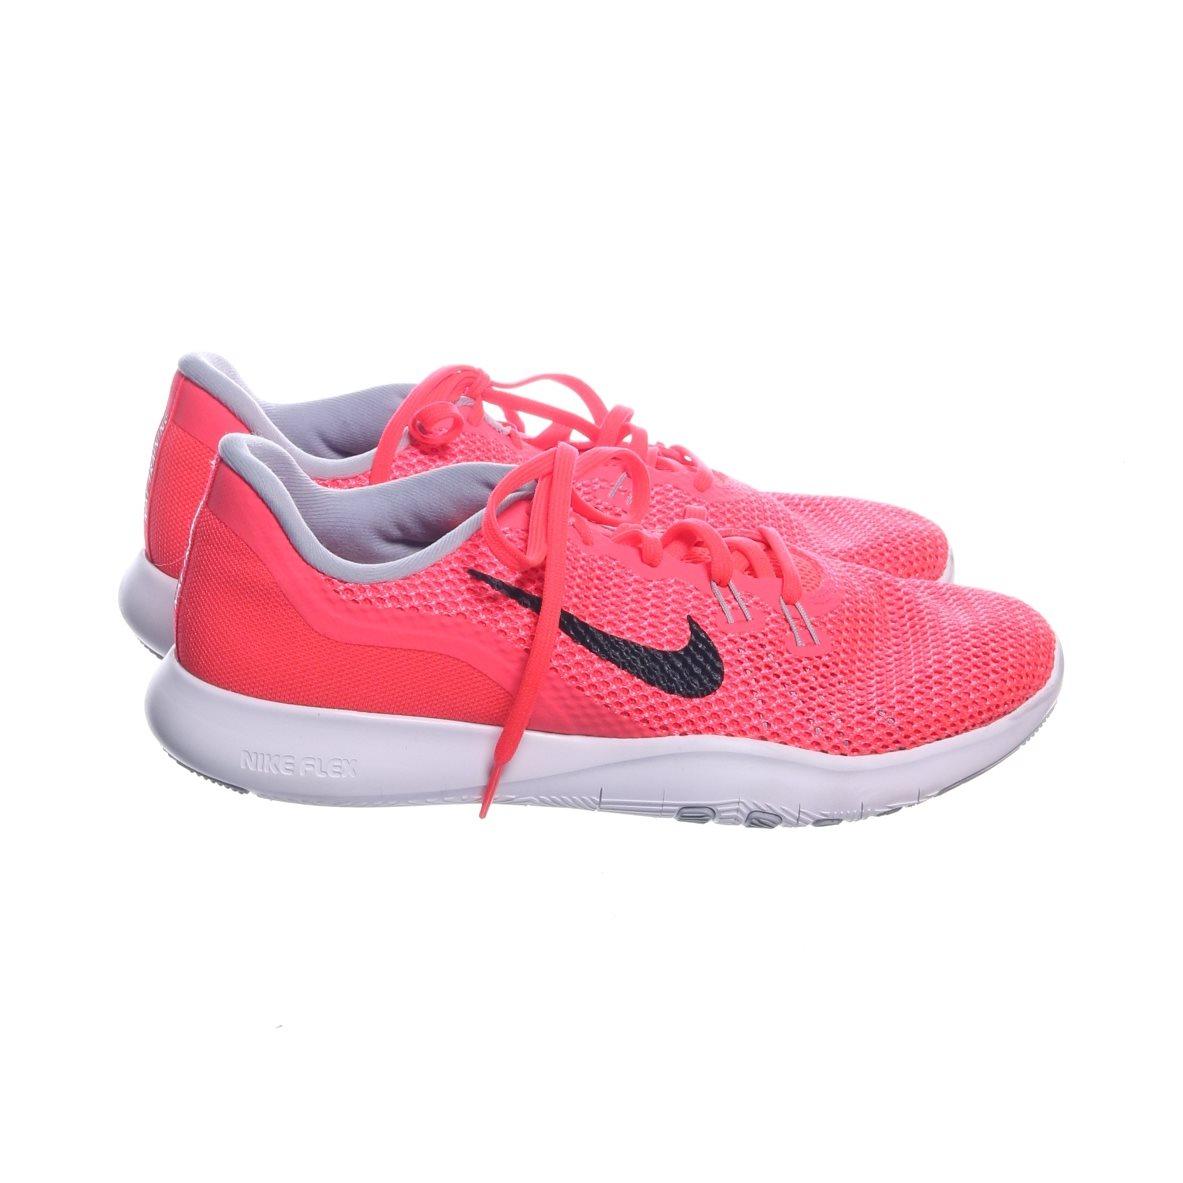 pretty nice bac6b 97228 Nike, Träningsskor, Strl  40, Nike Training Flex TR 7, Cerise